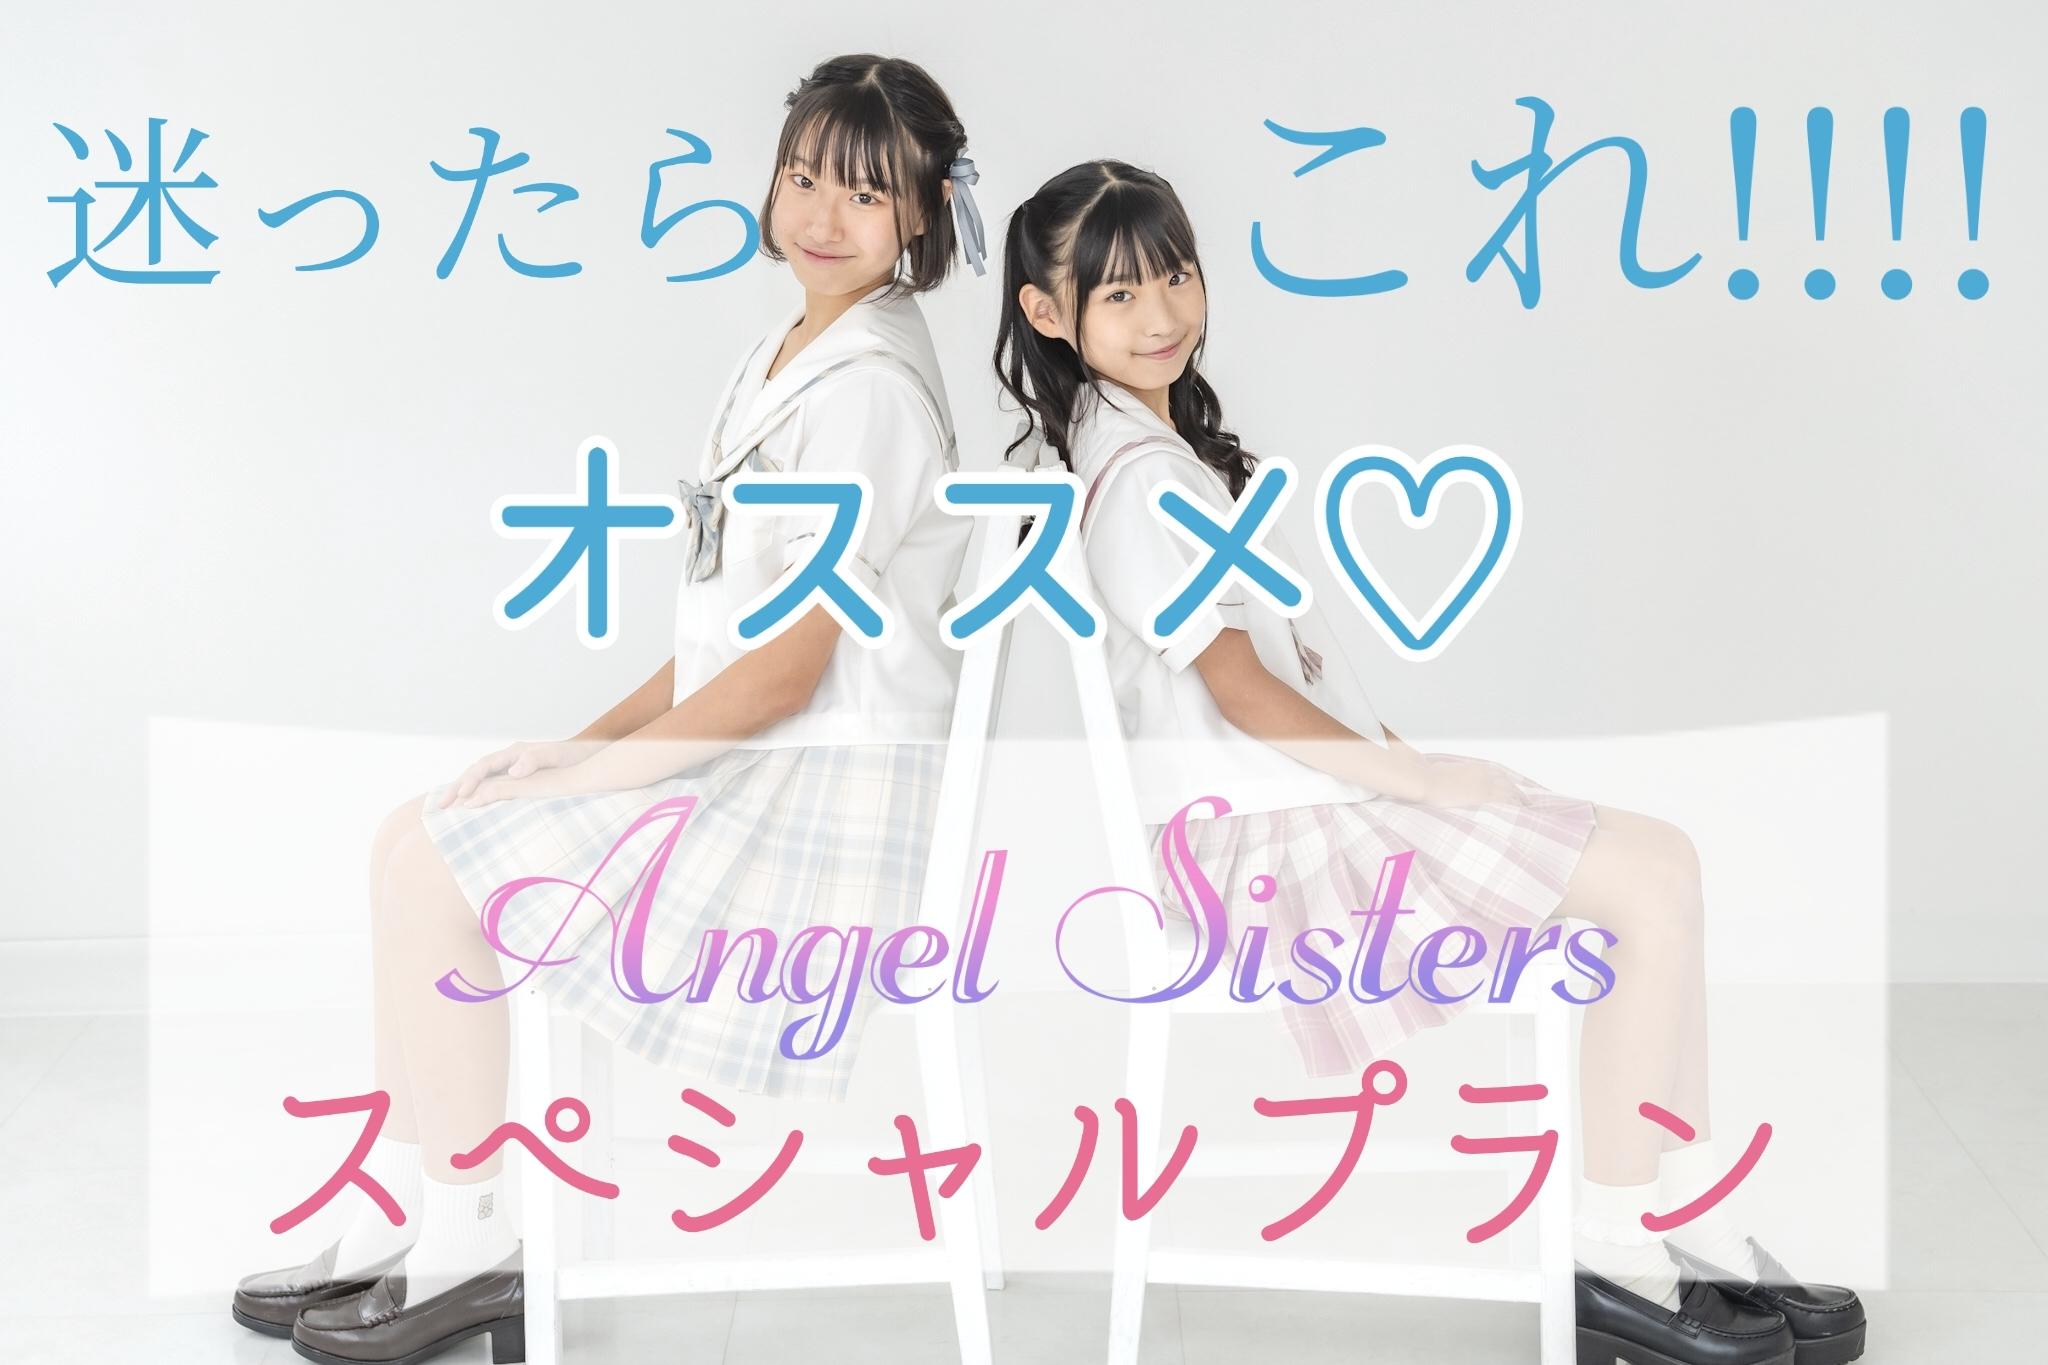 <【迷ったらこれ!】 Angel Sistersスペシャル プラン>